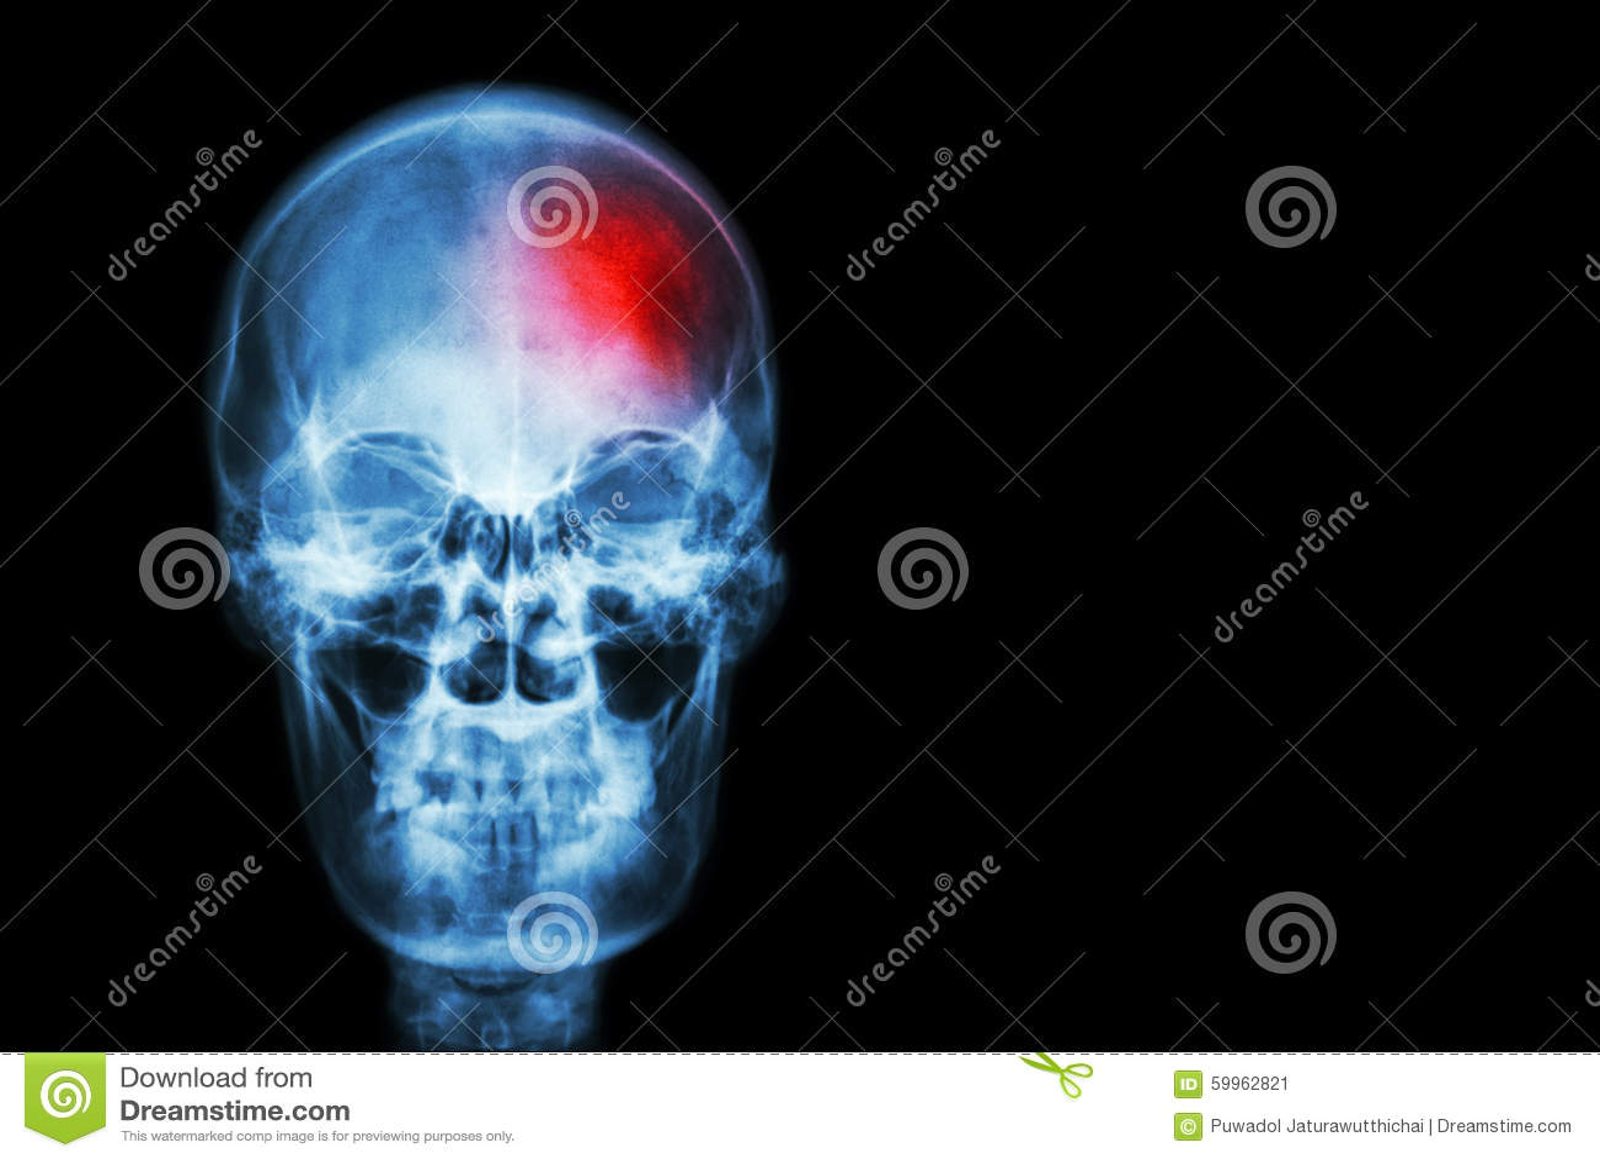 Uderzenie (Cerebrovascular wypadek) ekranowa promieniowanie rentgenowskie czaszka istota ludzka z czerwonym terenem Medycznym, na